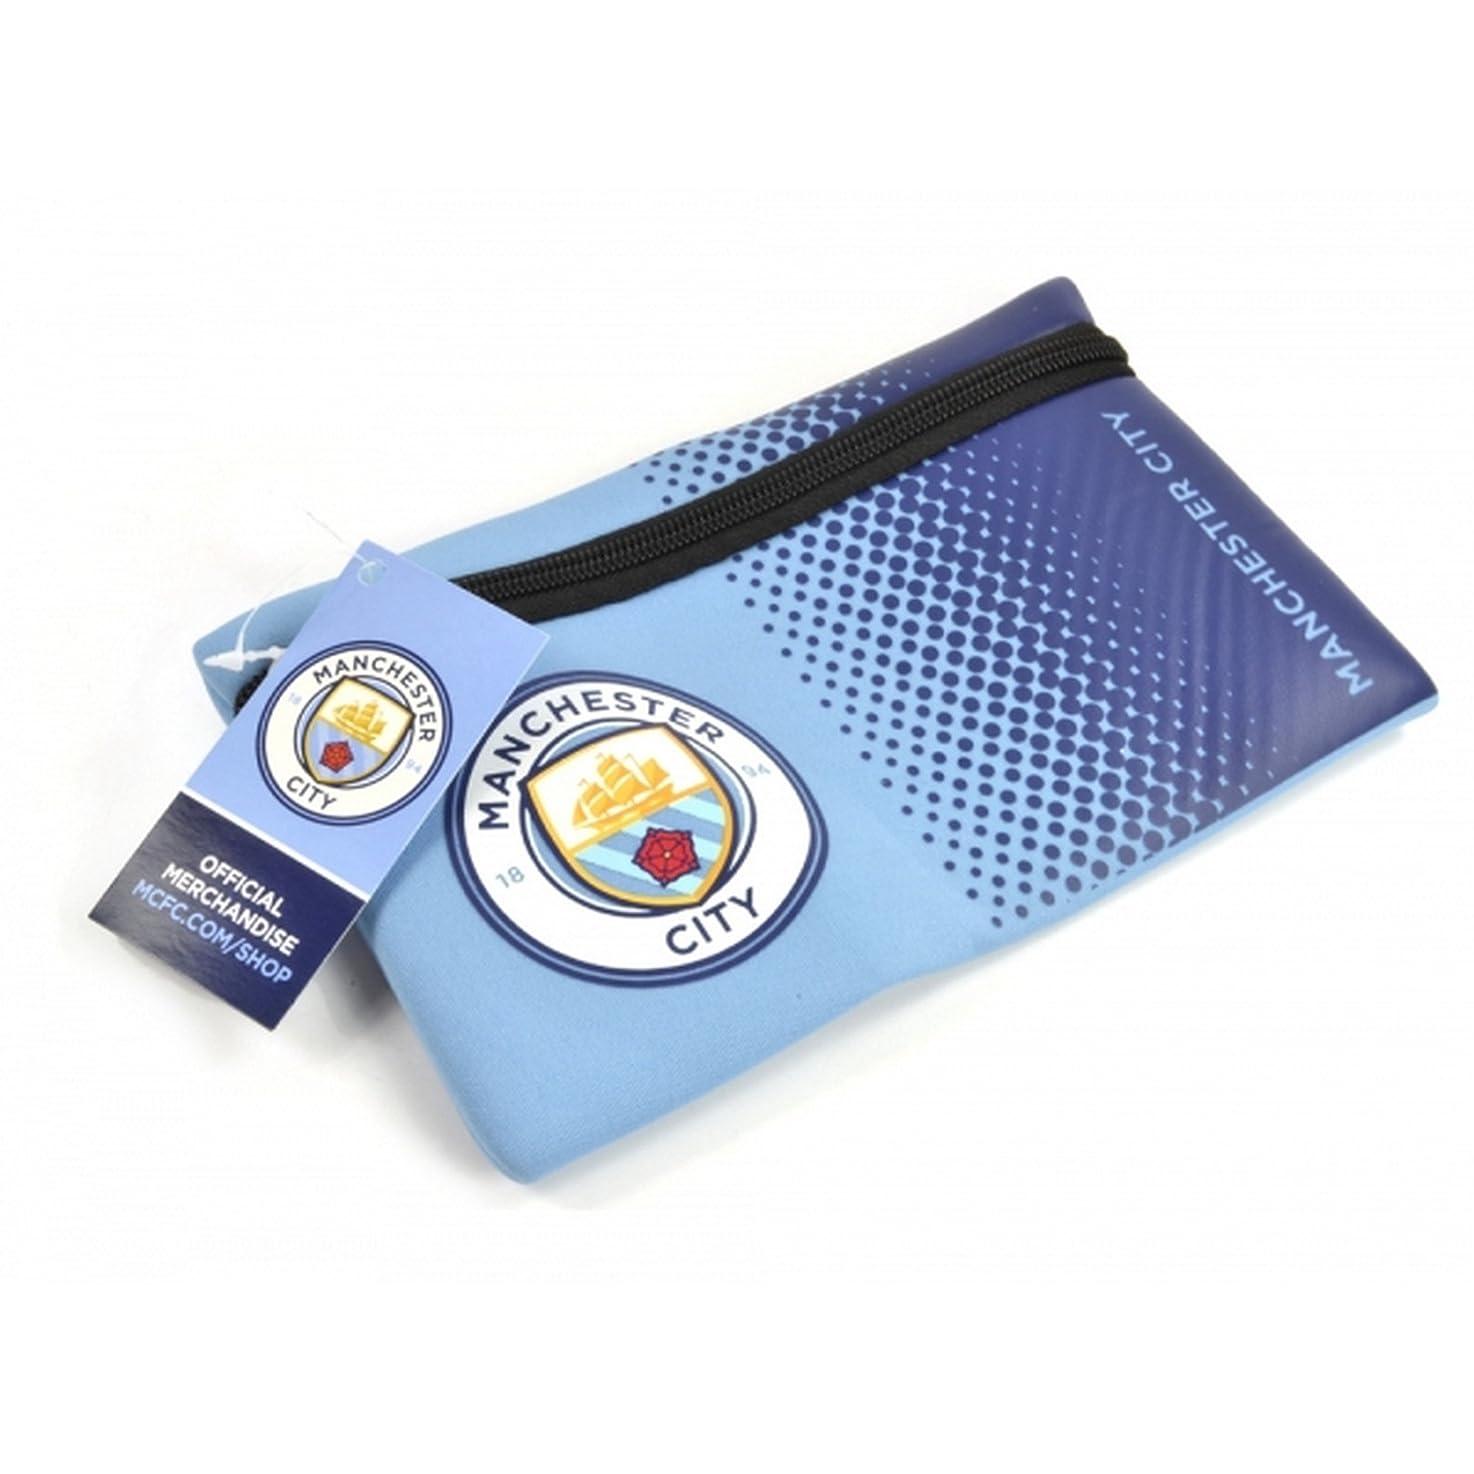 メンテナンス全く前文マンチェスター?シティ フットボールクラブ Manchester City FC オフィシャル商品 ペンケース ポーチ